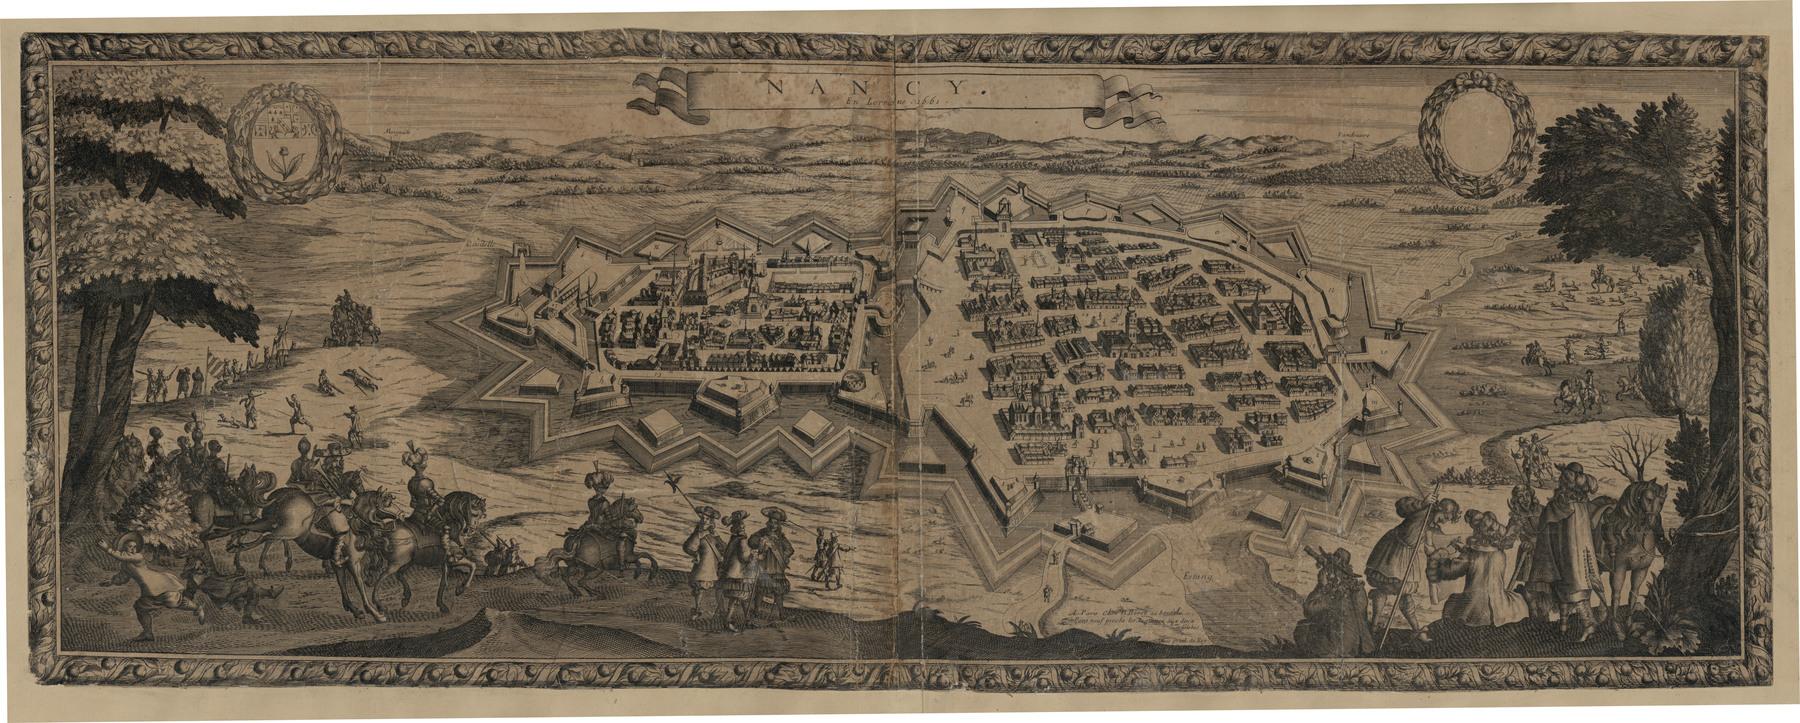 Contenu du Nancy en Lorraine 1661